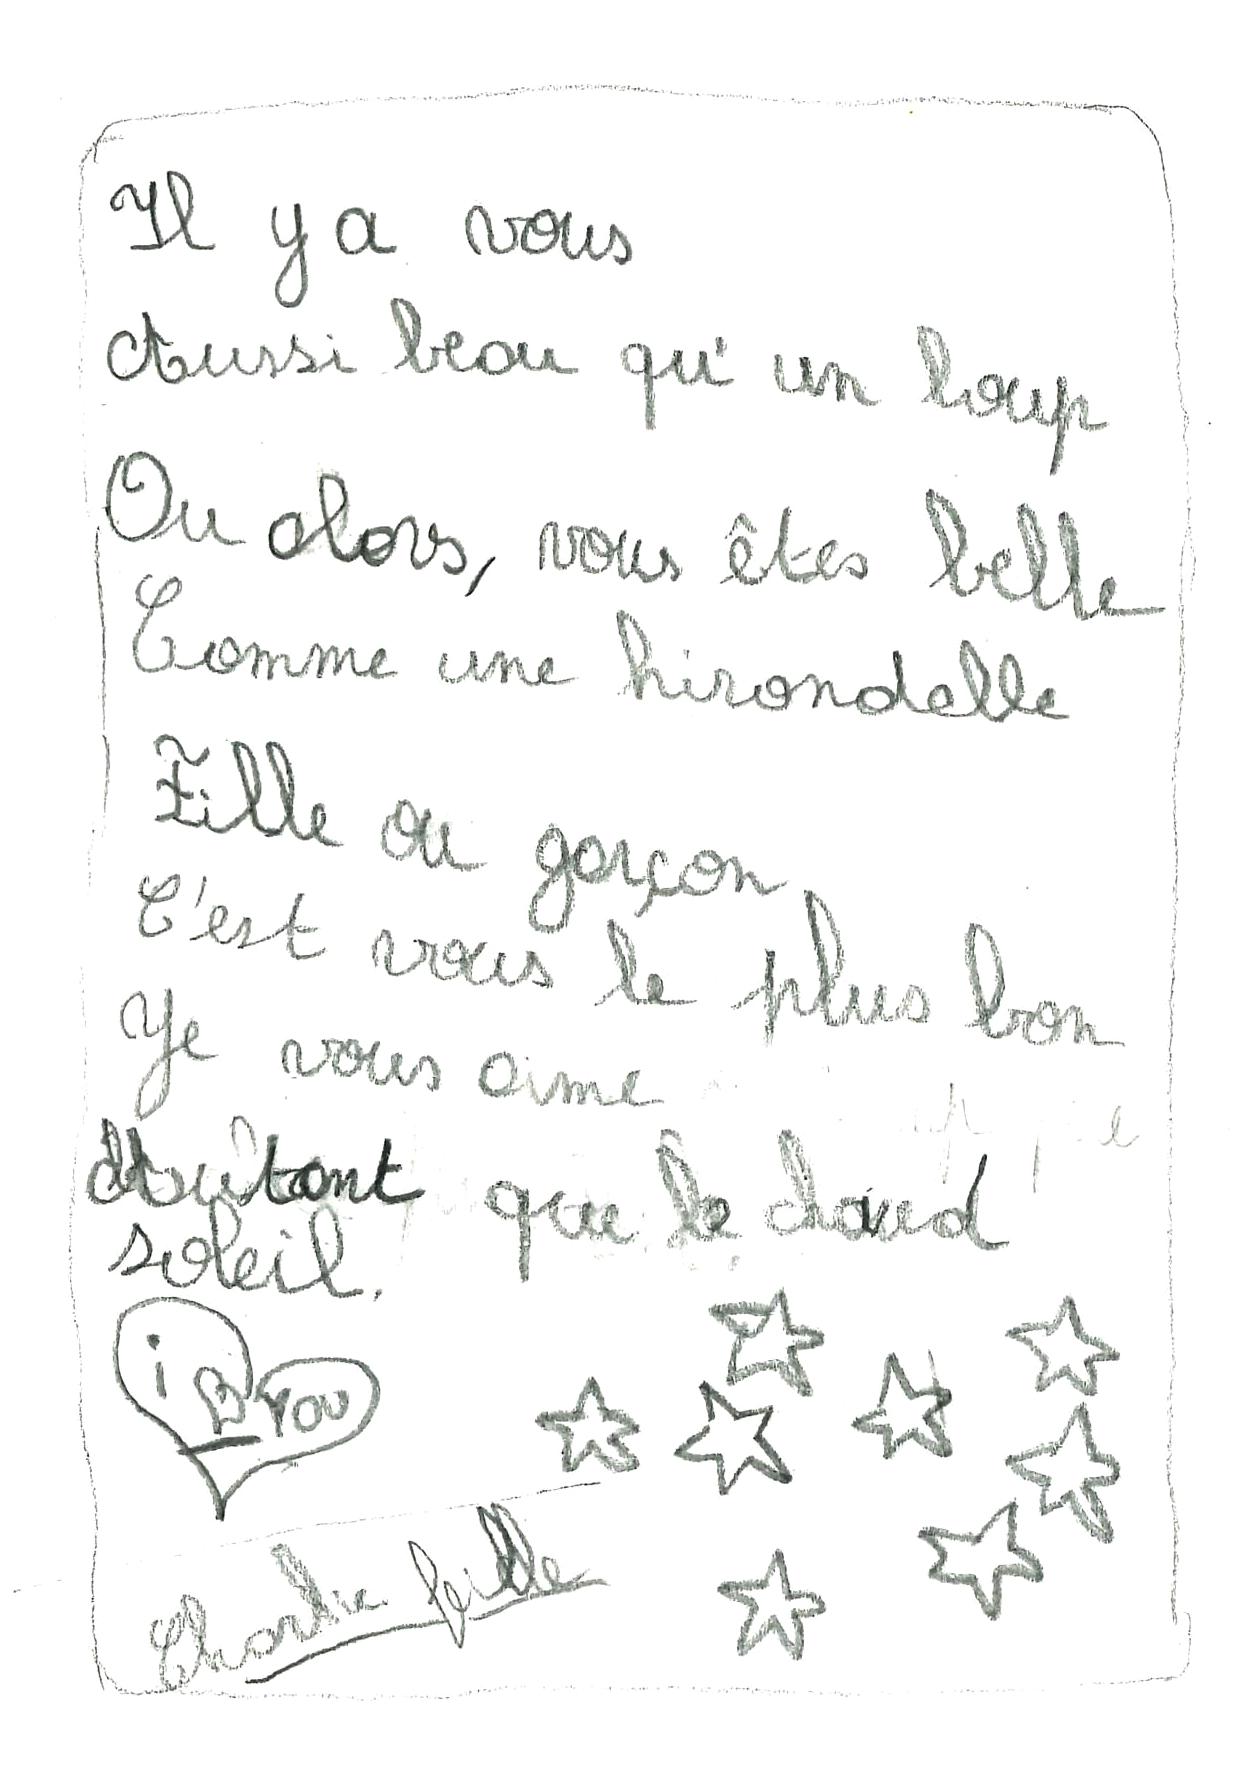 Une poésie de Charlie